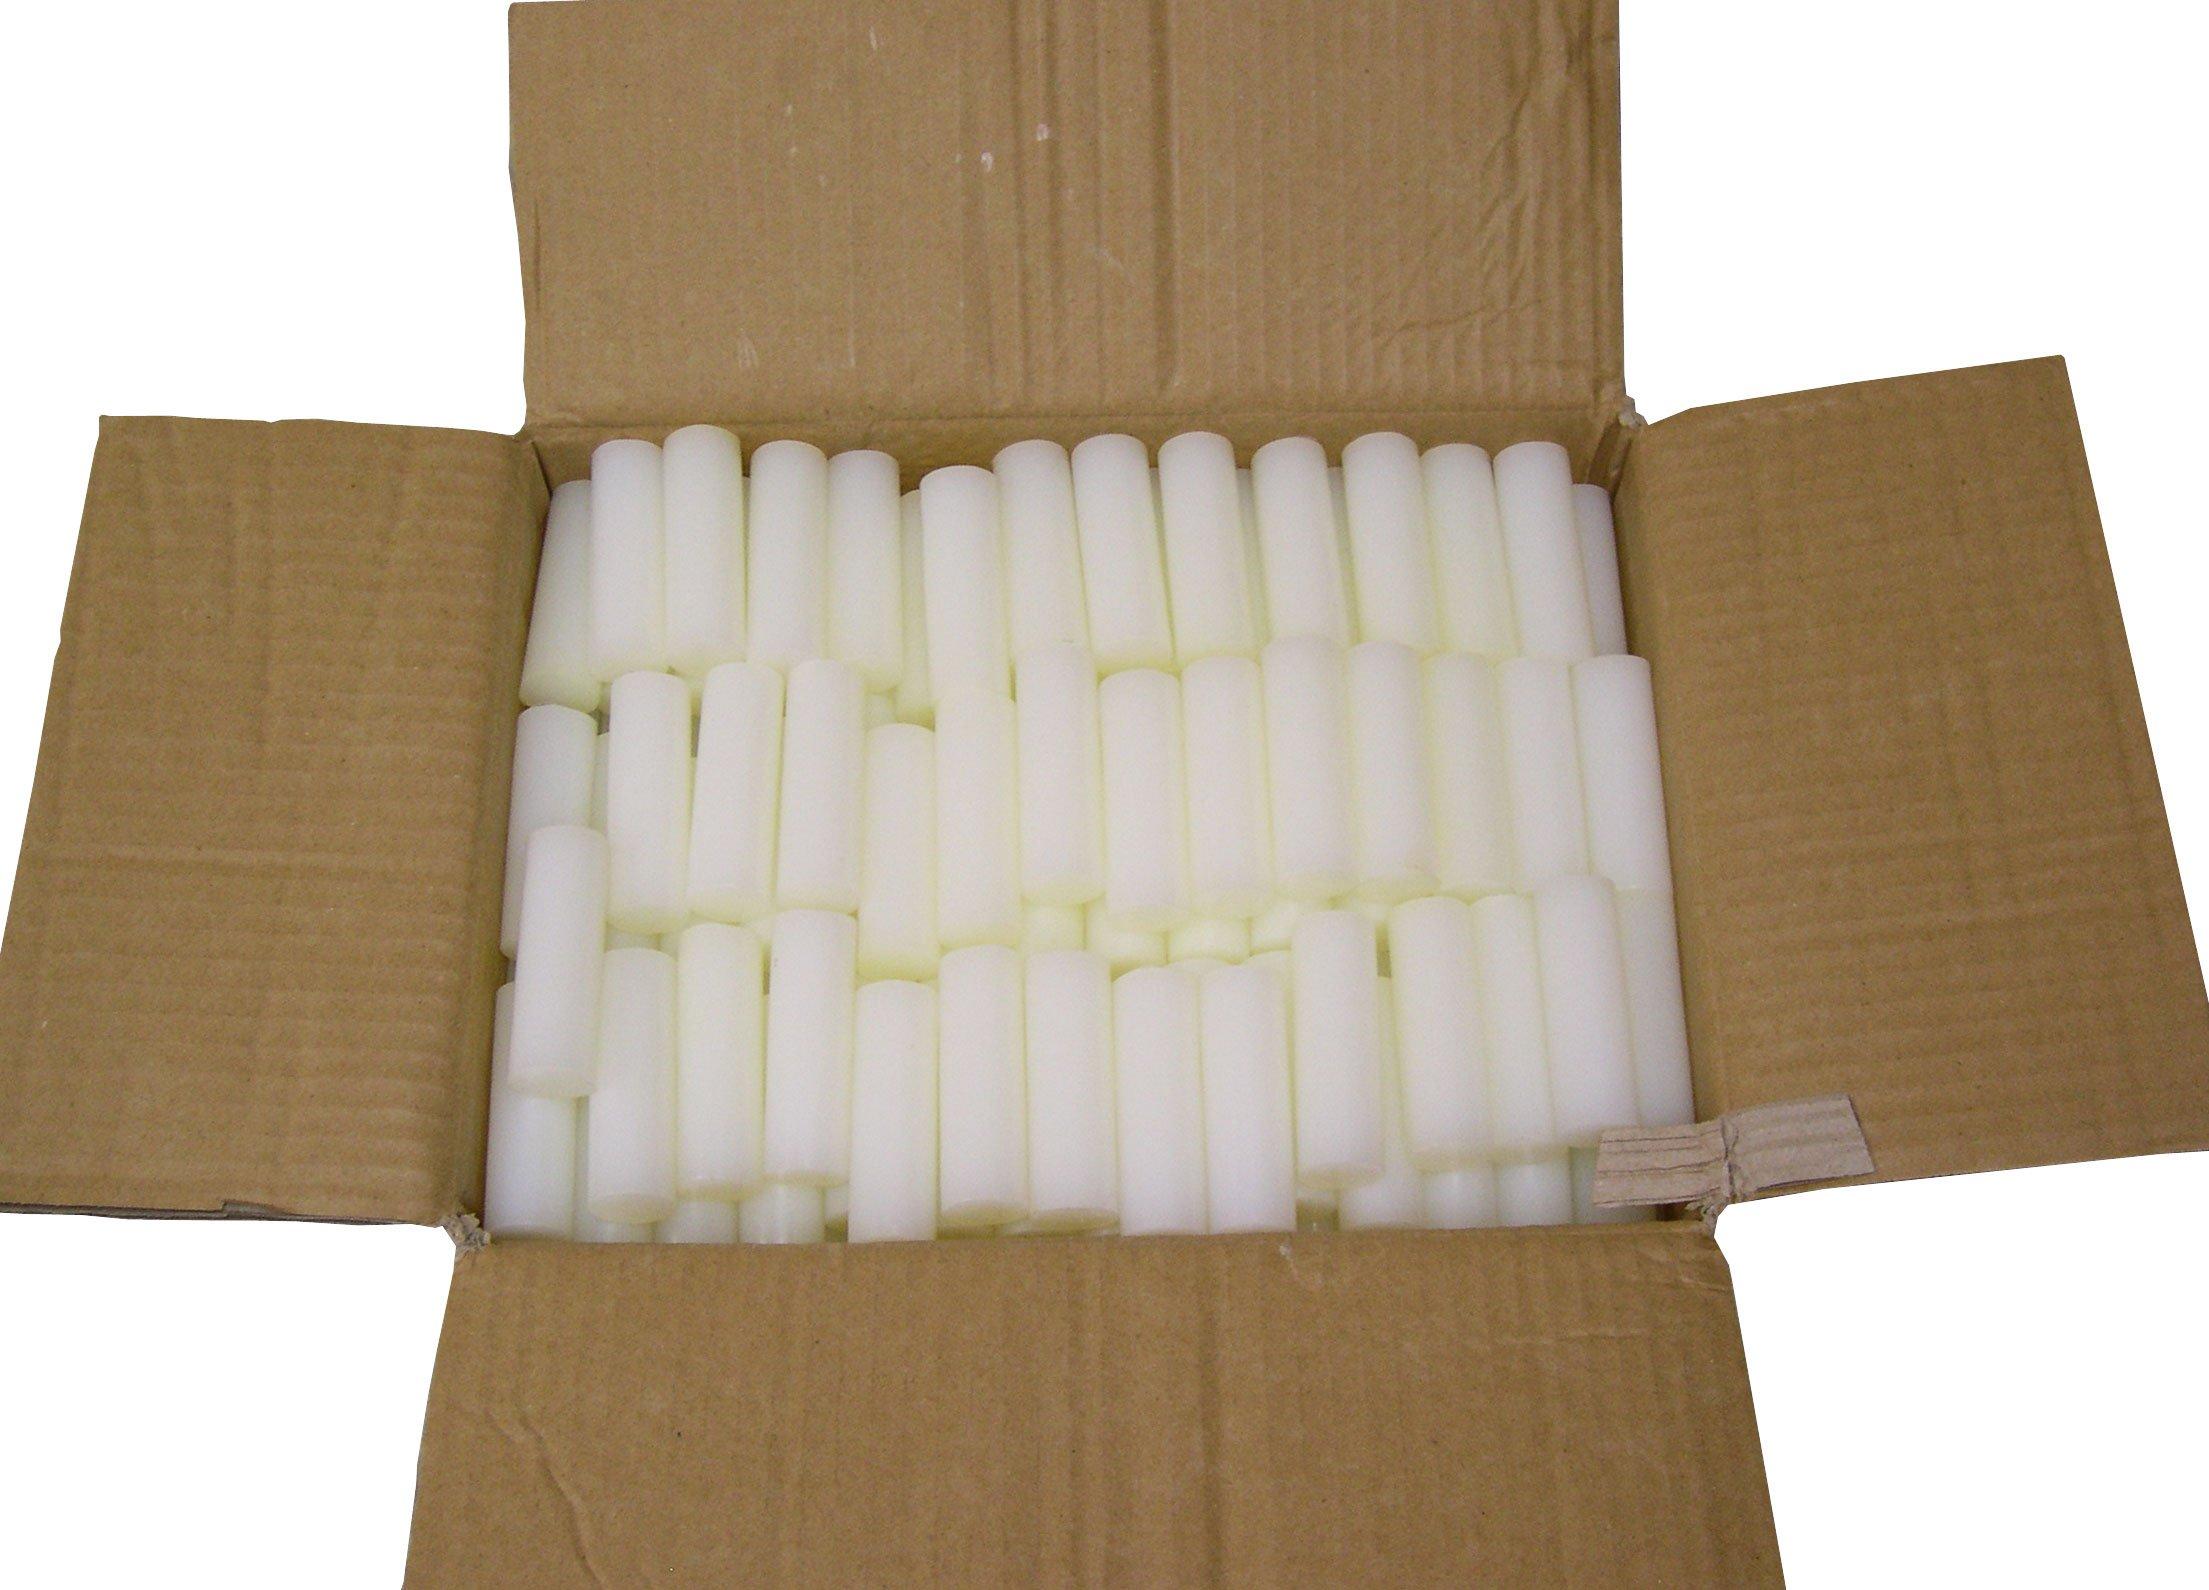 All Purpose Hot Melt Glue Stick 1 inch x 3 inch, 25 lbs, ASA-8102-C03 by GlueNTape